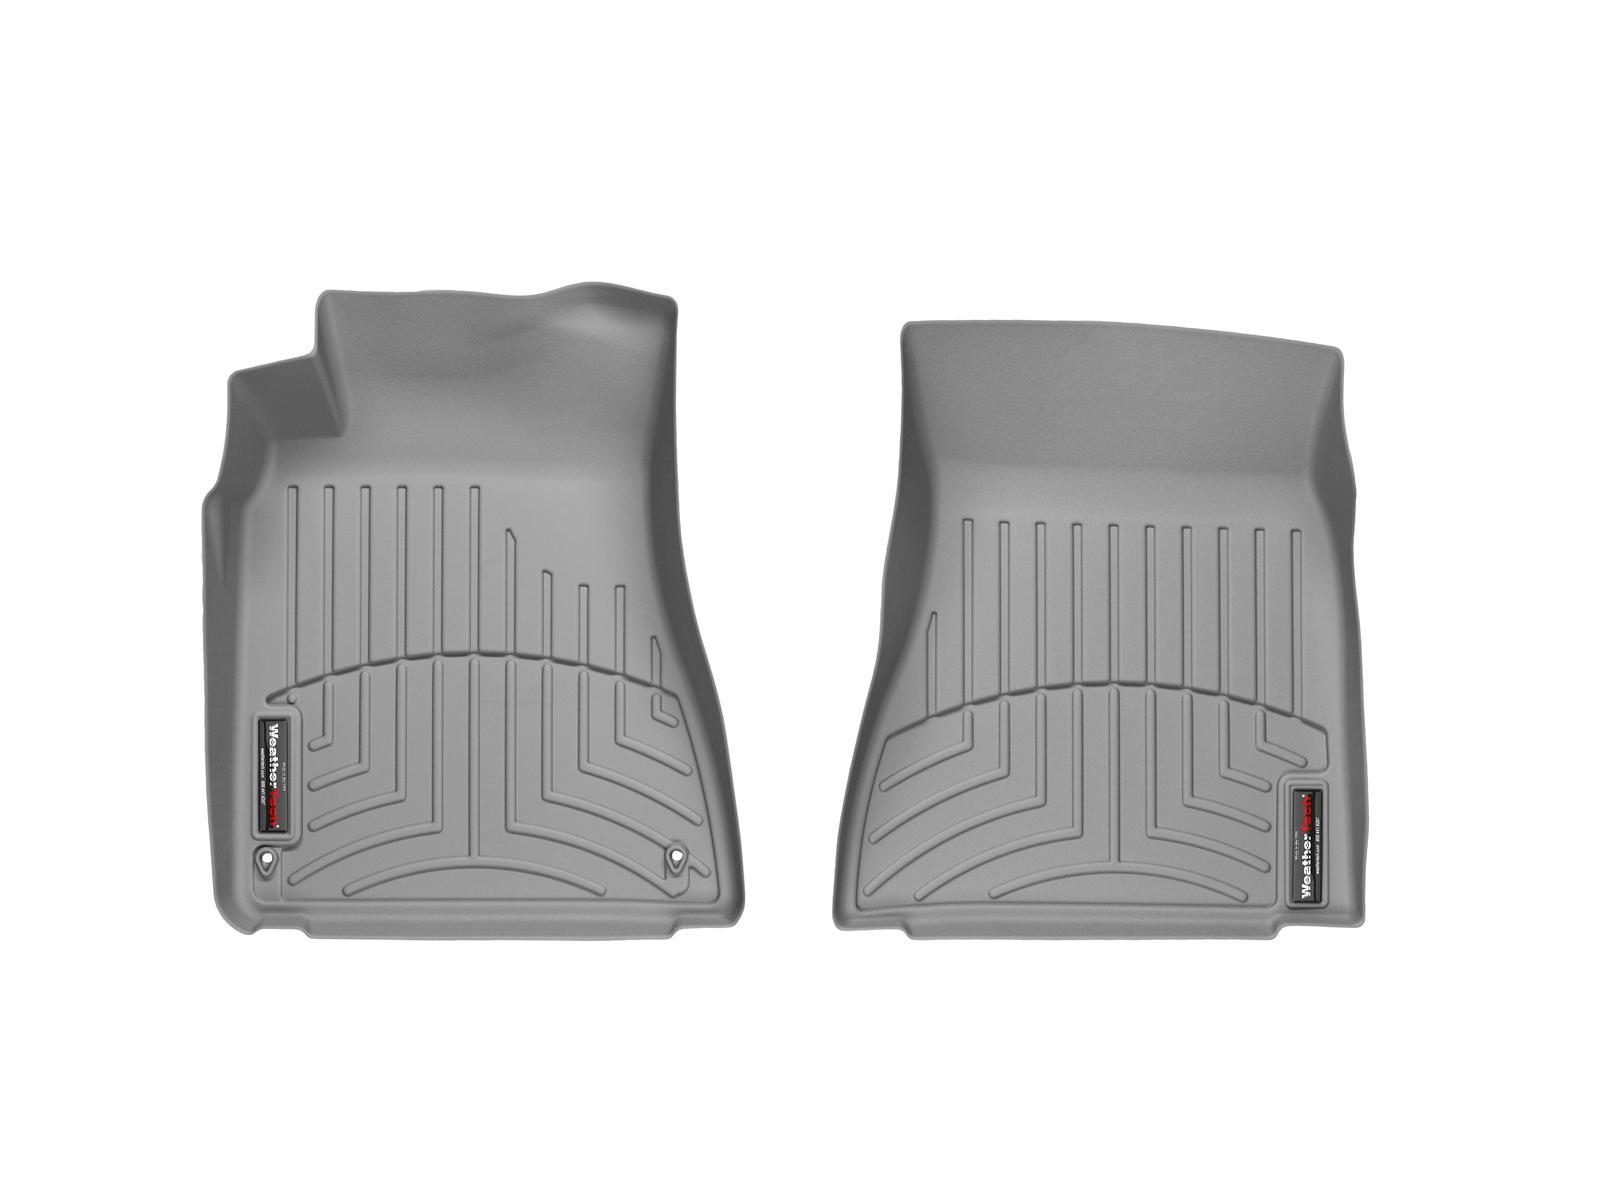 Tappeti gomma su misura bordo alto Lexus IS 11>12 Grigio A2044